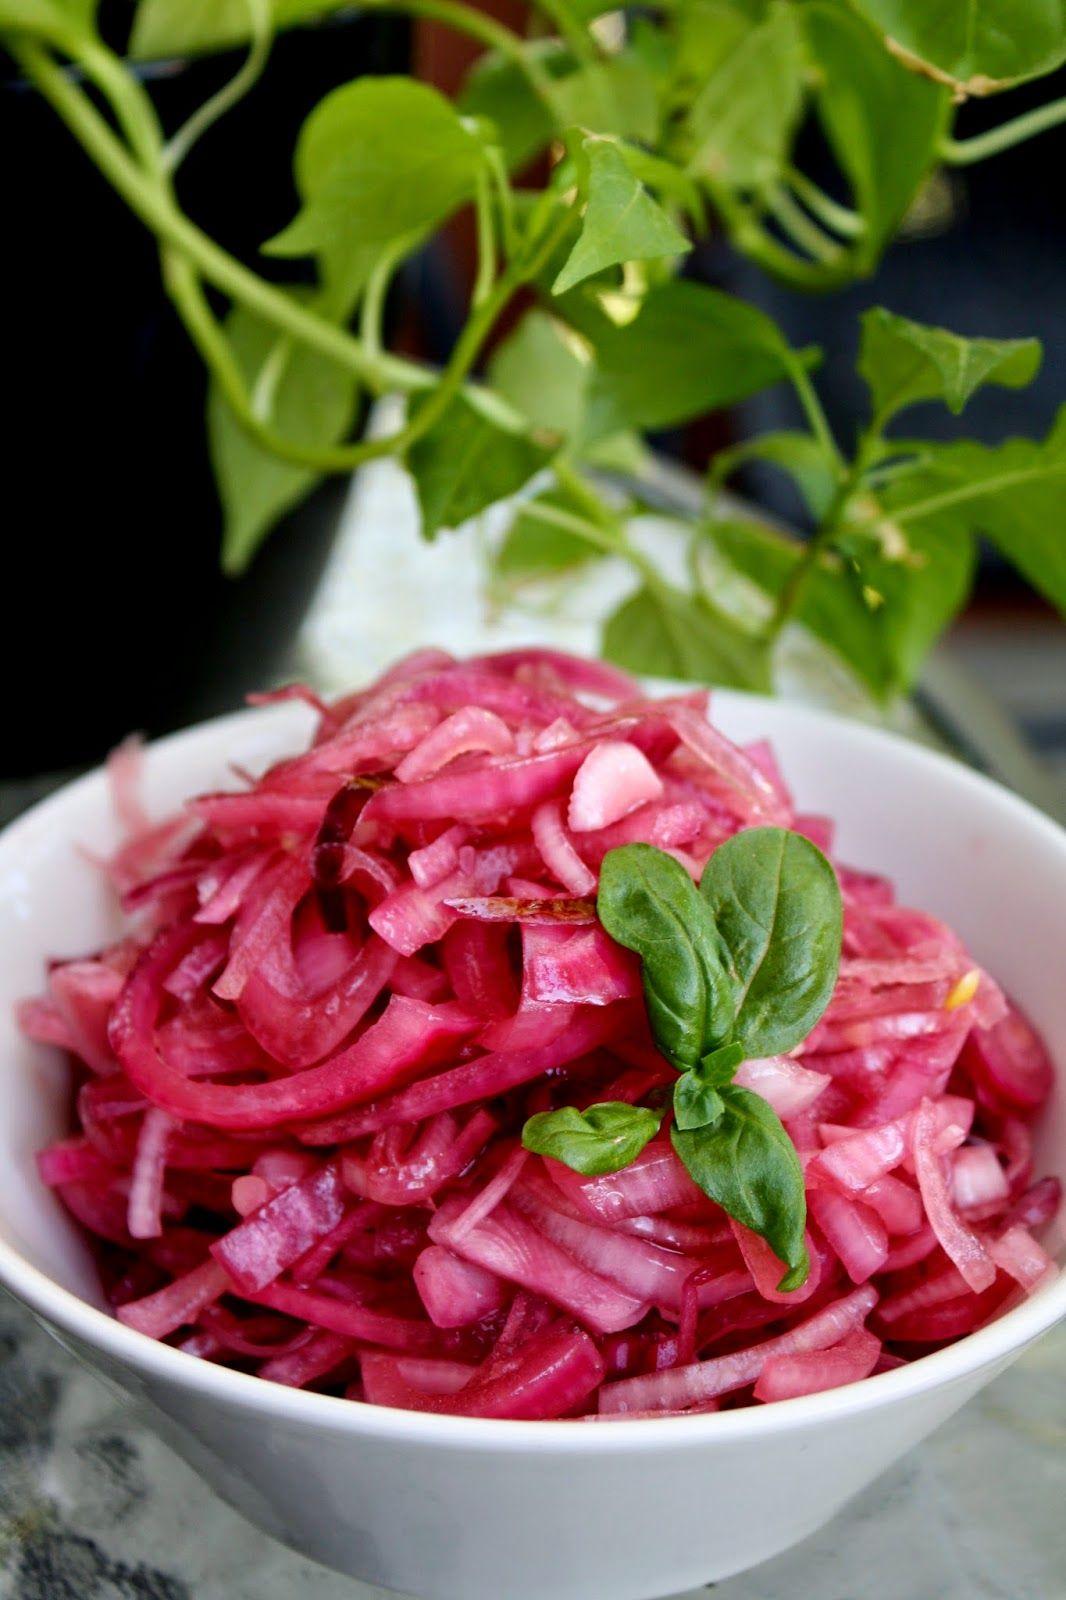 Cebicin keittiössä: Marinoitu punasipuli